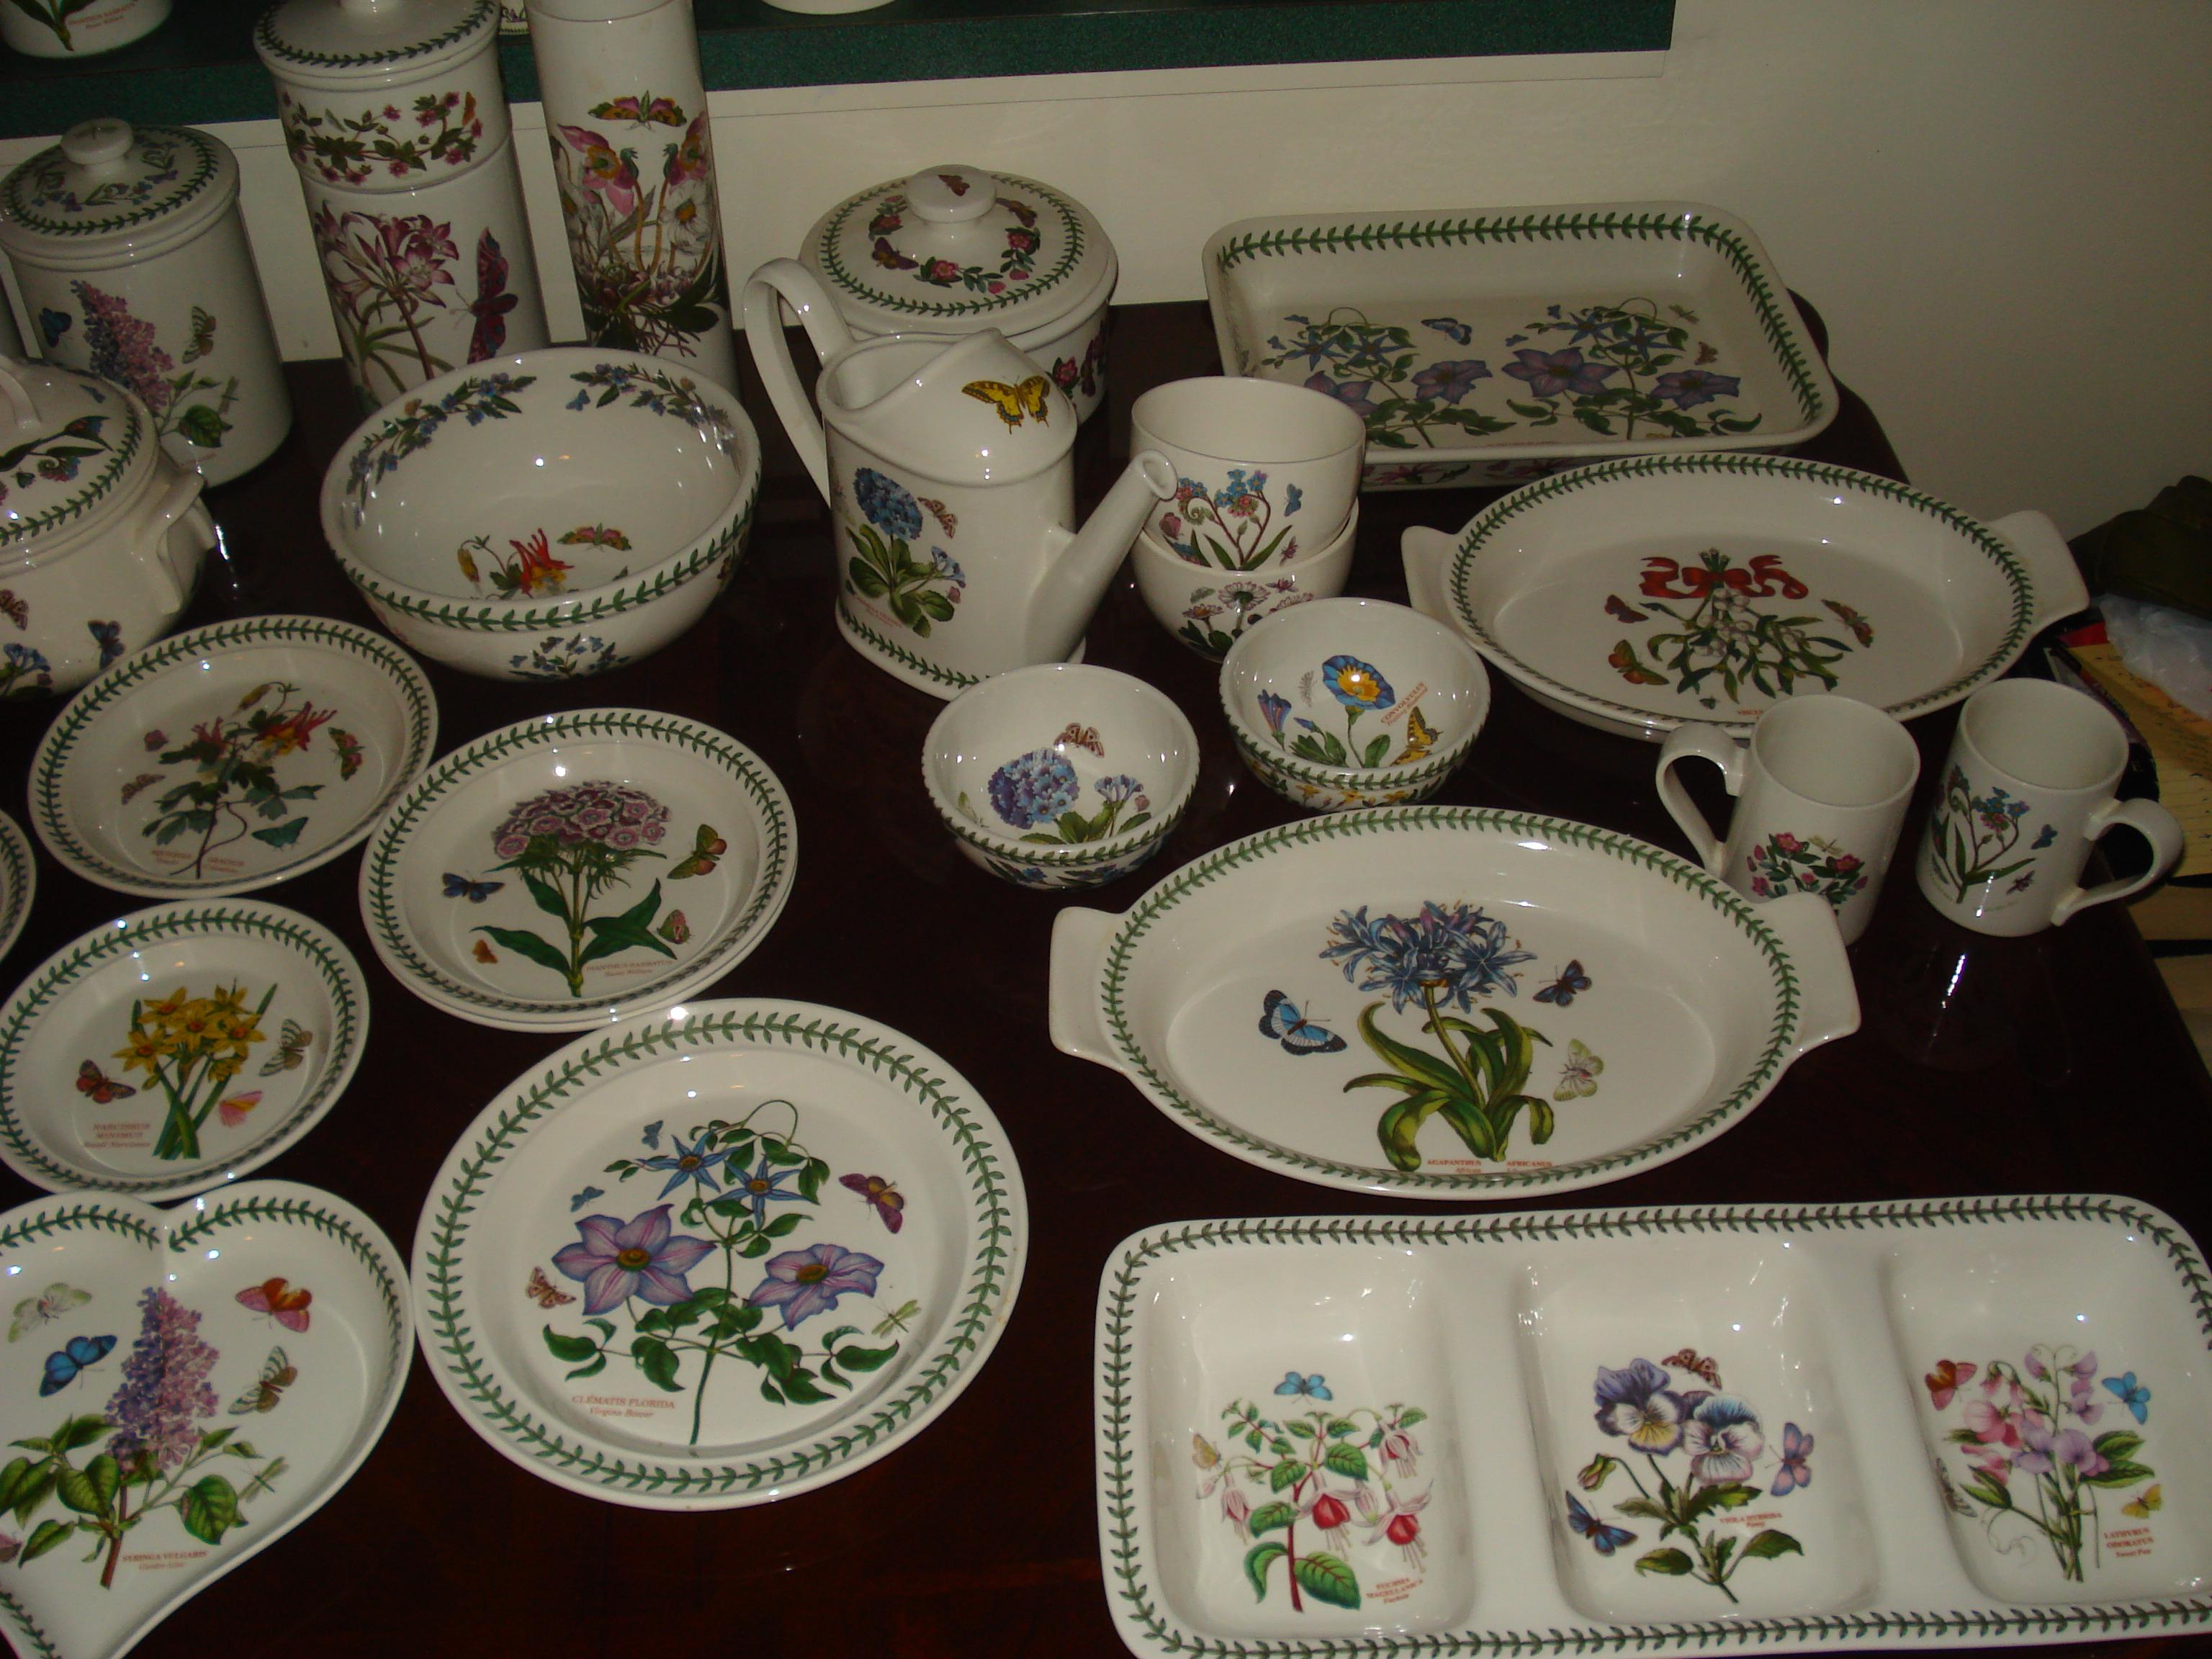 Portmeirion Dinnerware Botanic Garden Collection & Garden Tableware - Castrophotos